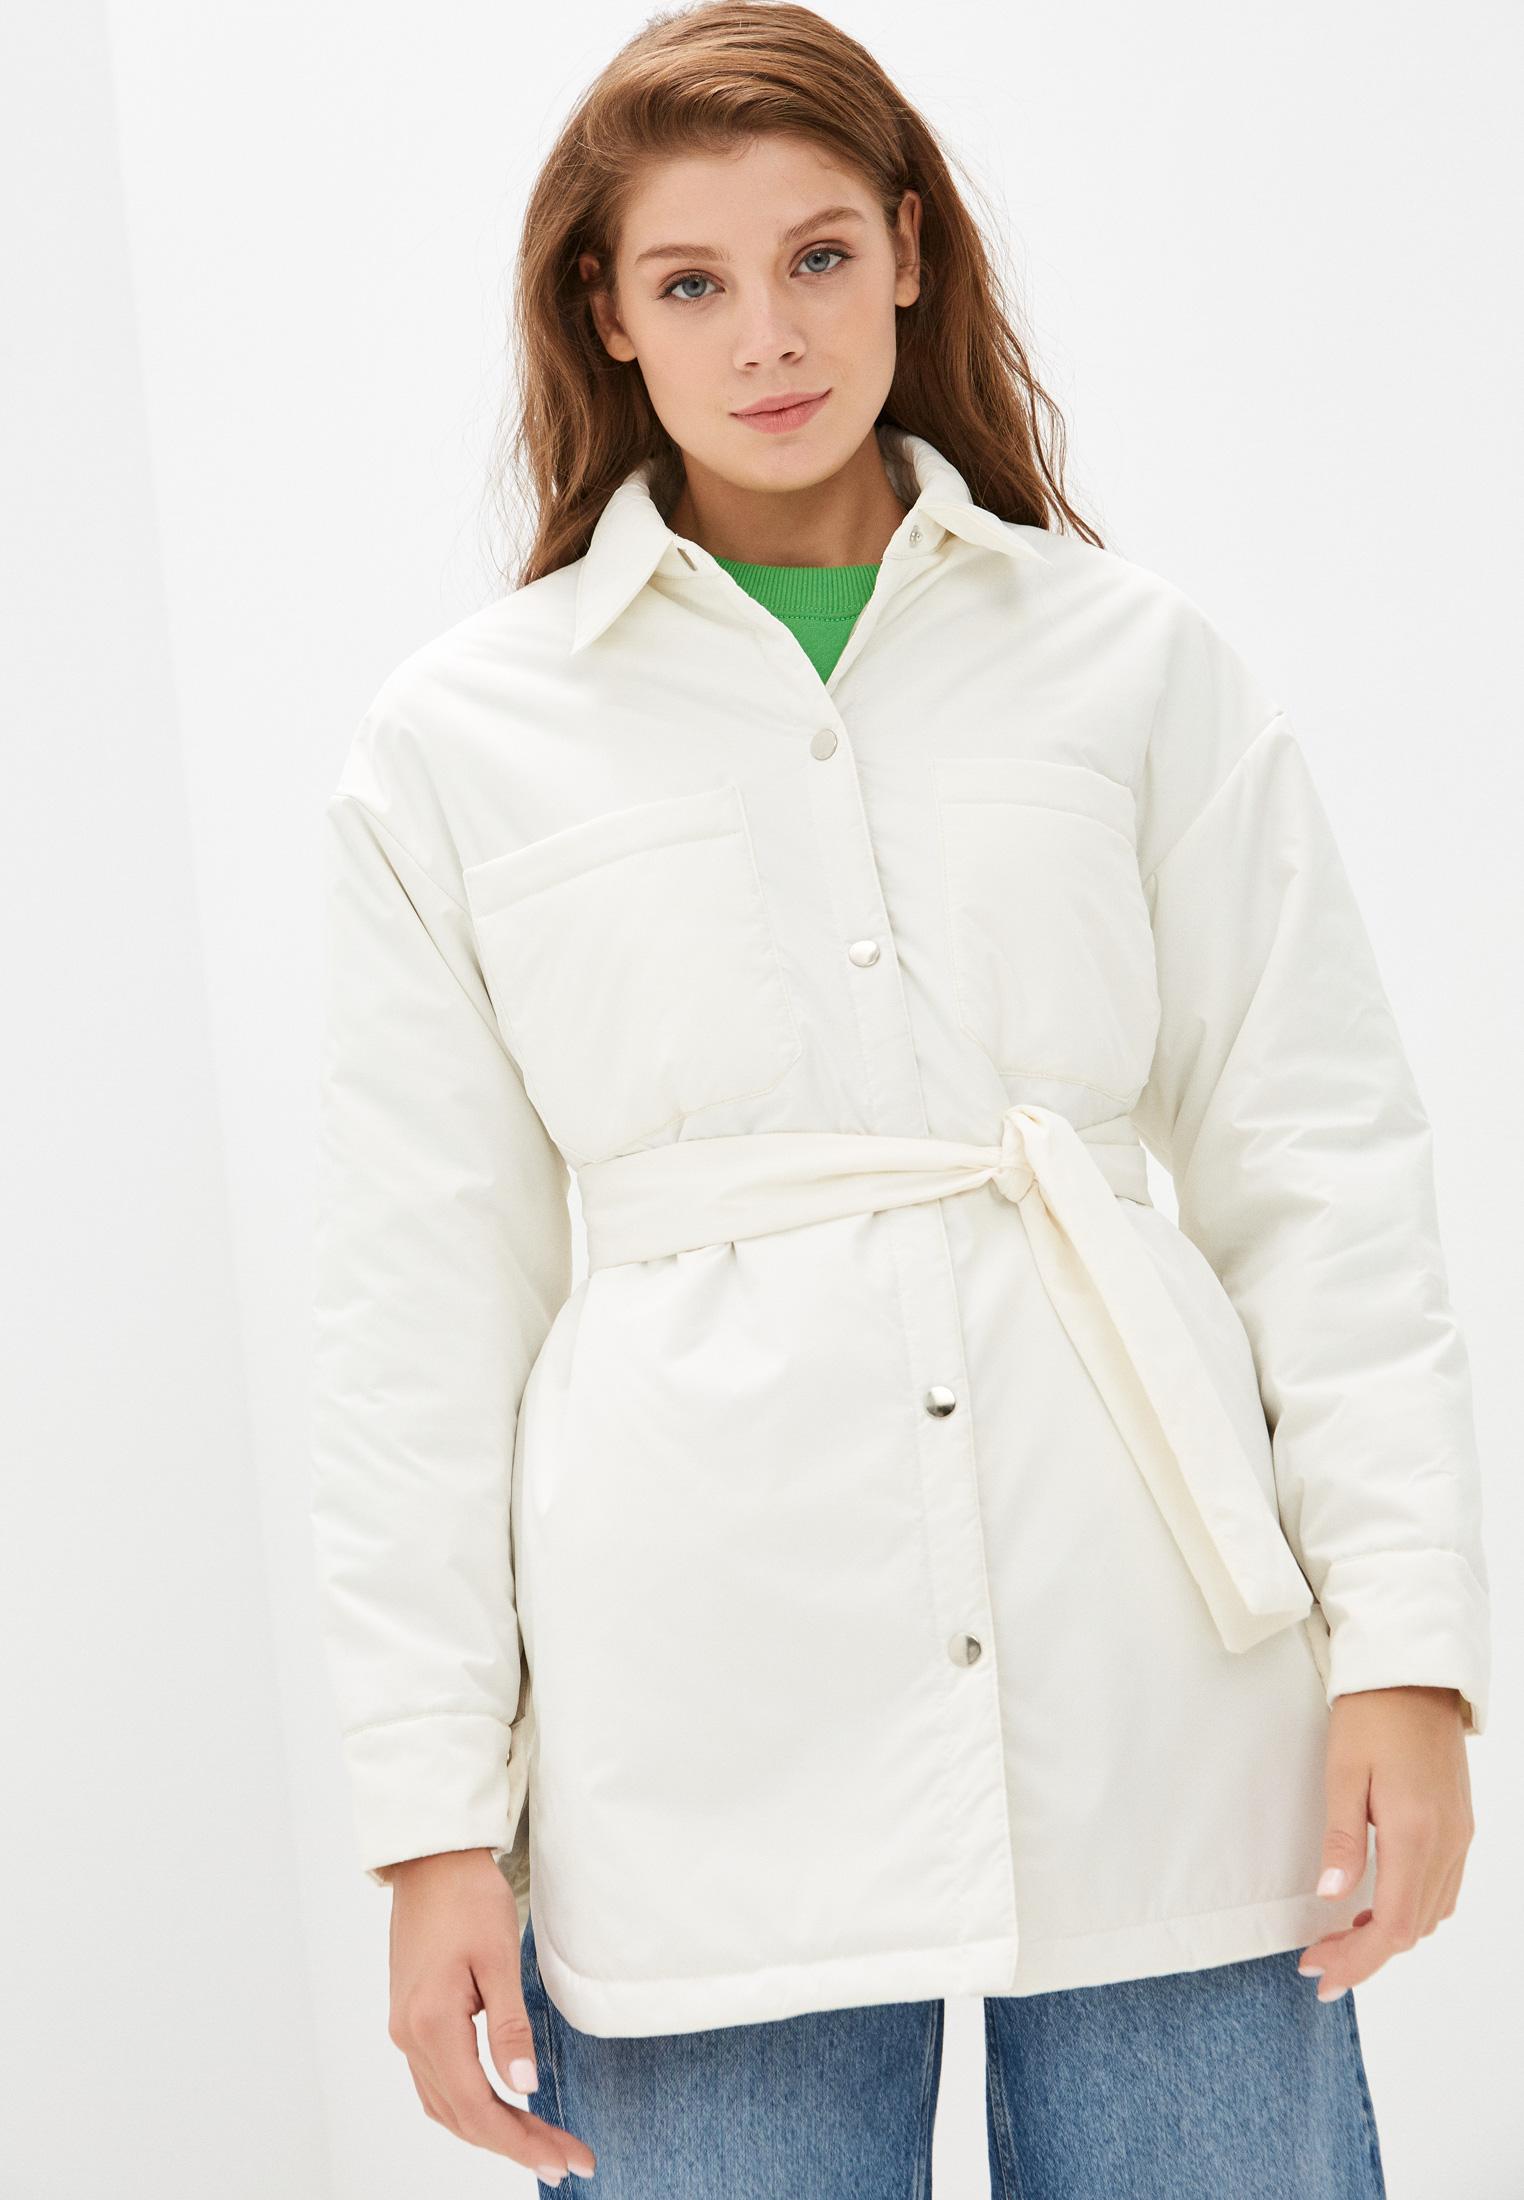 Утепленная куртка Imocean Куртка утепленная Imocean